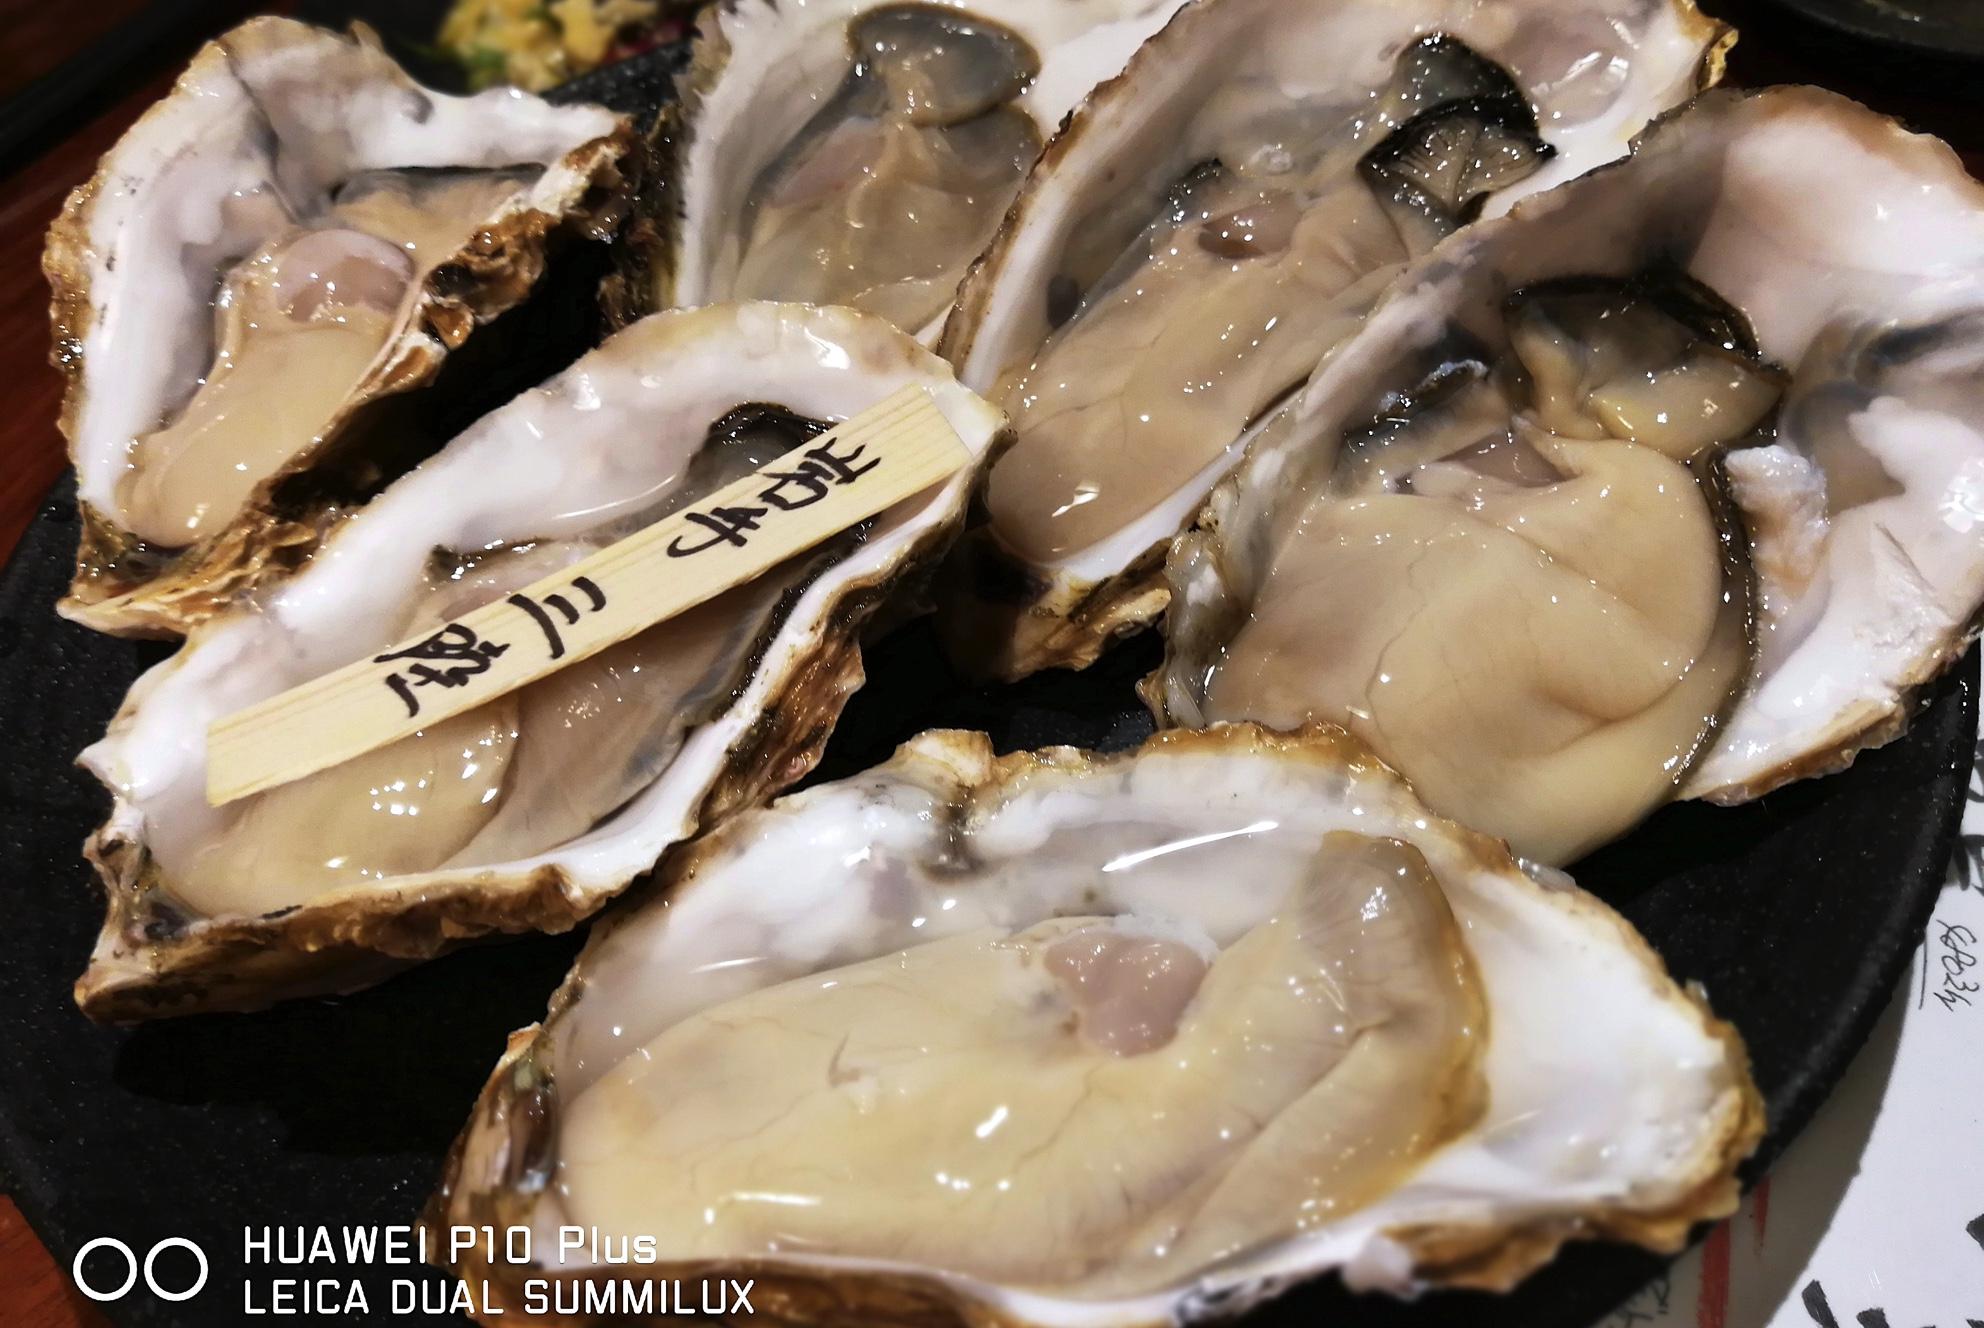 渋谷『牡蠣貝鮮かいり』のウマい貝をHUAWEI P10 Plusで撮ってみた